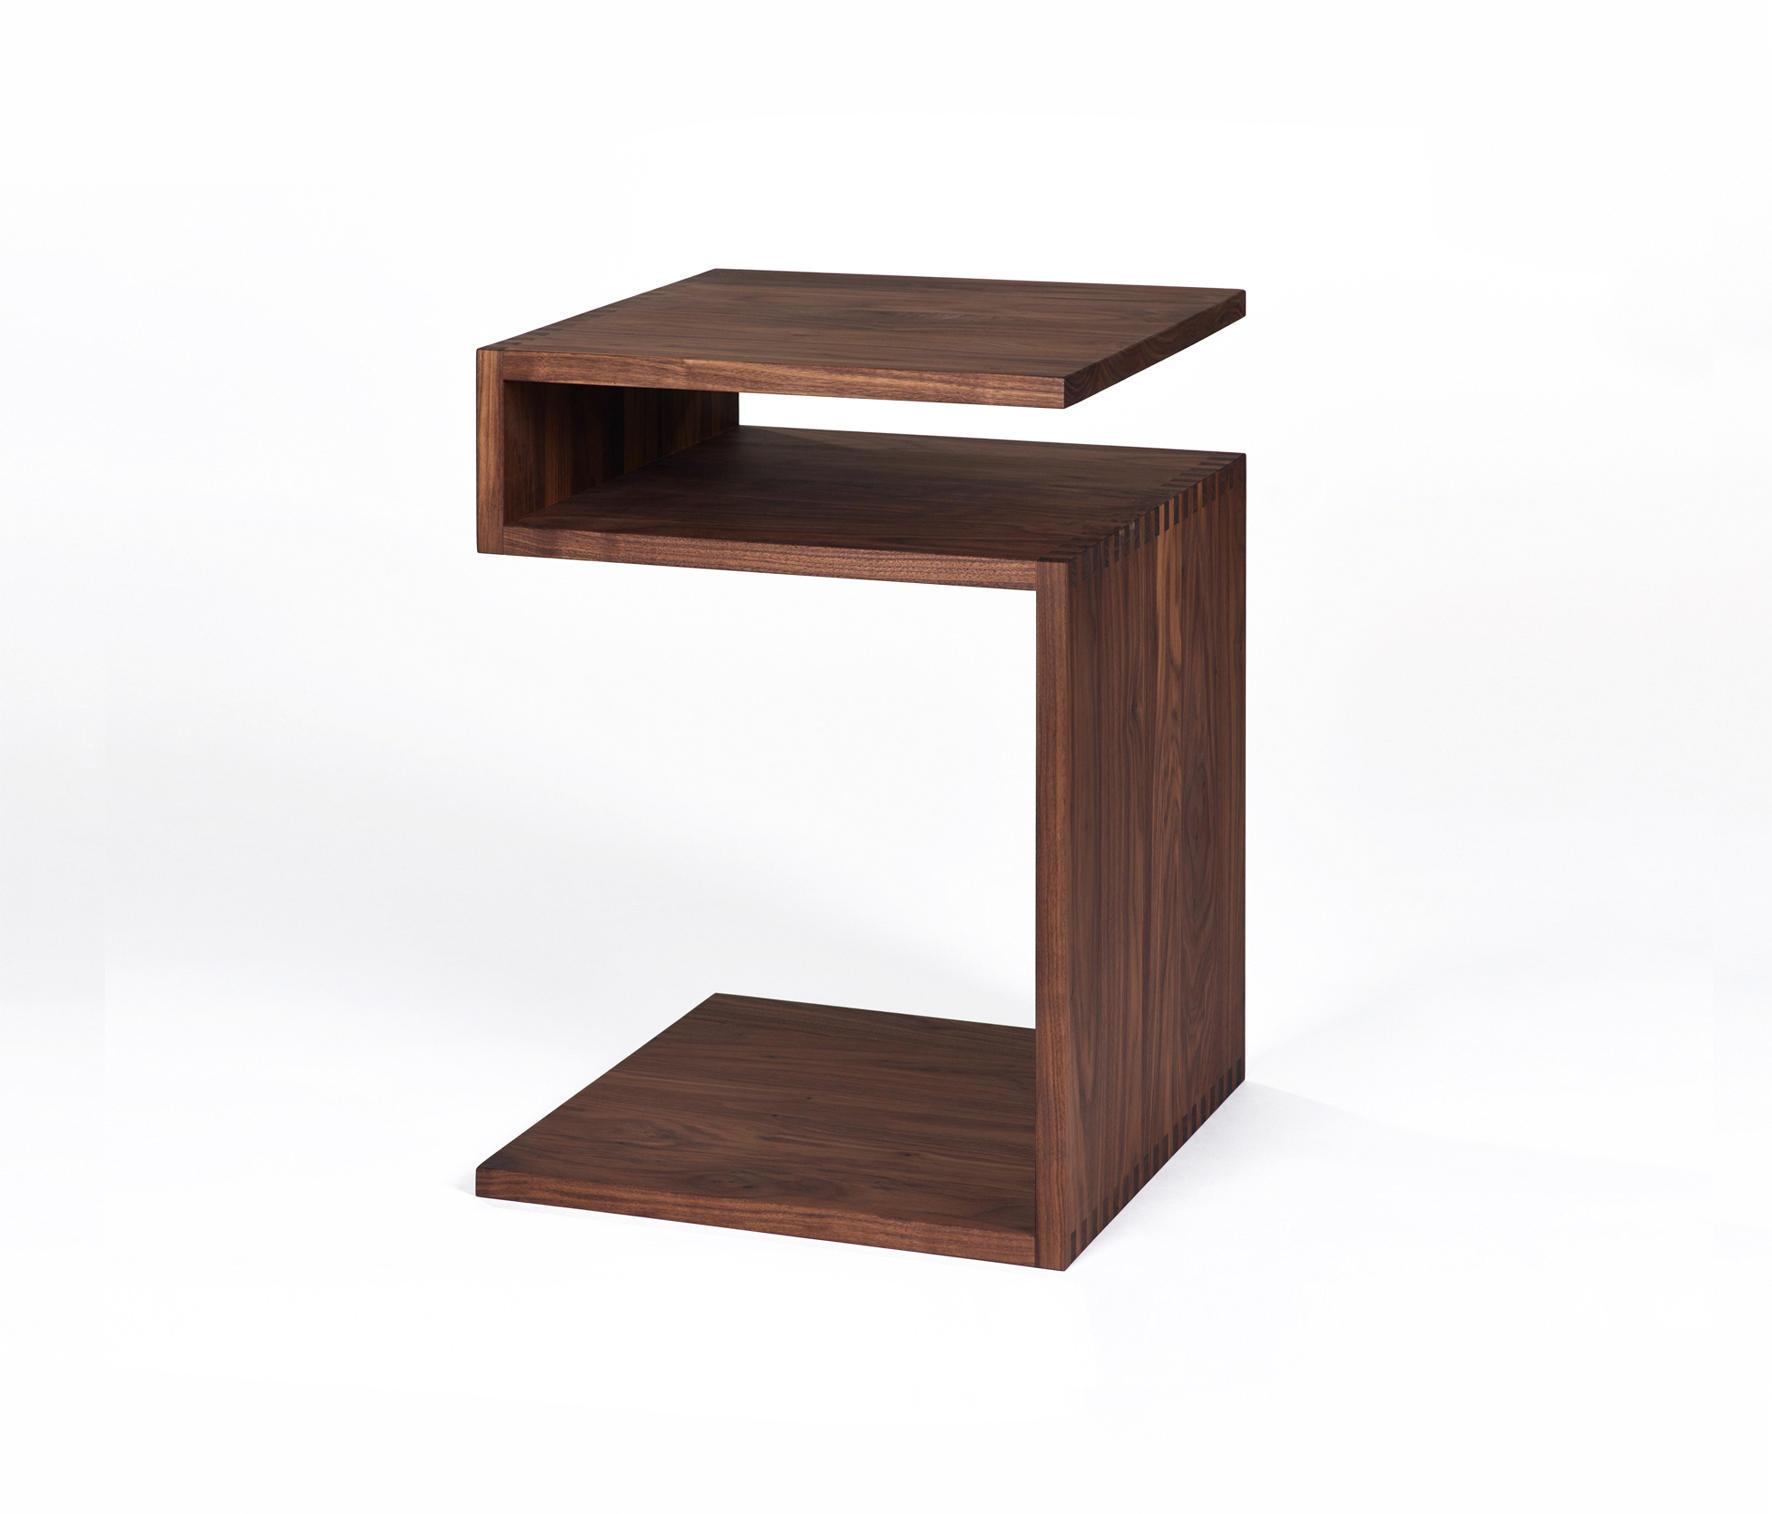 deposito beistelltisch beistelltische von lambert. Black Bedroom Furniture Sets. Home Design Ideas